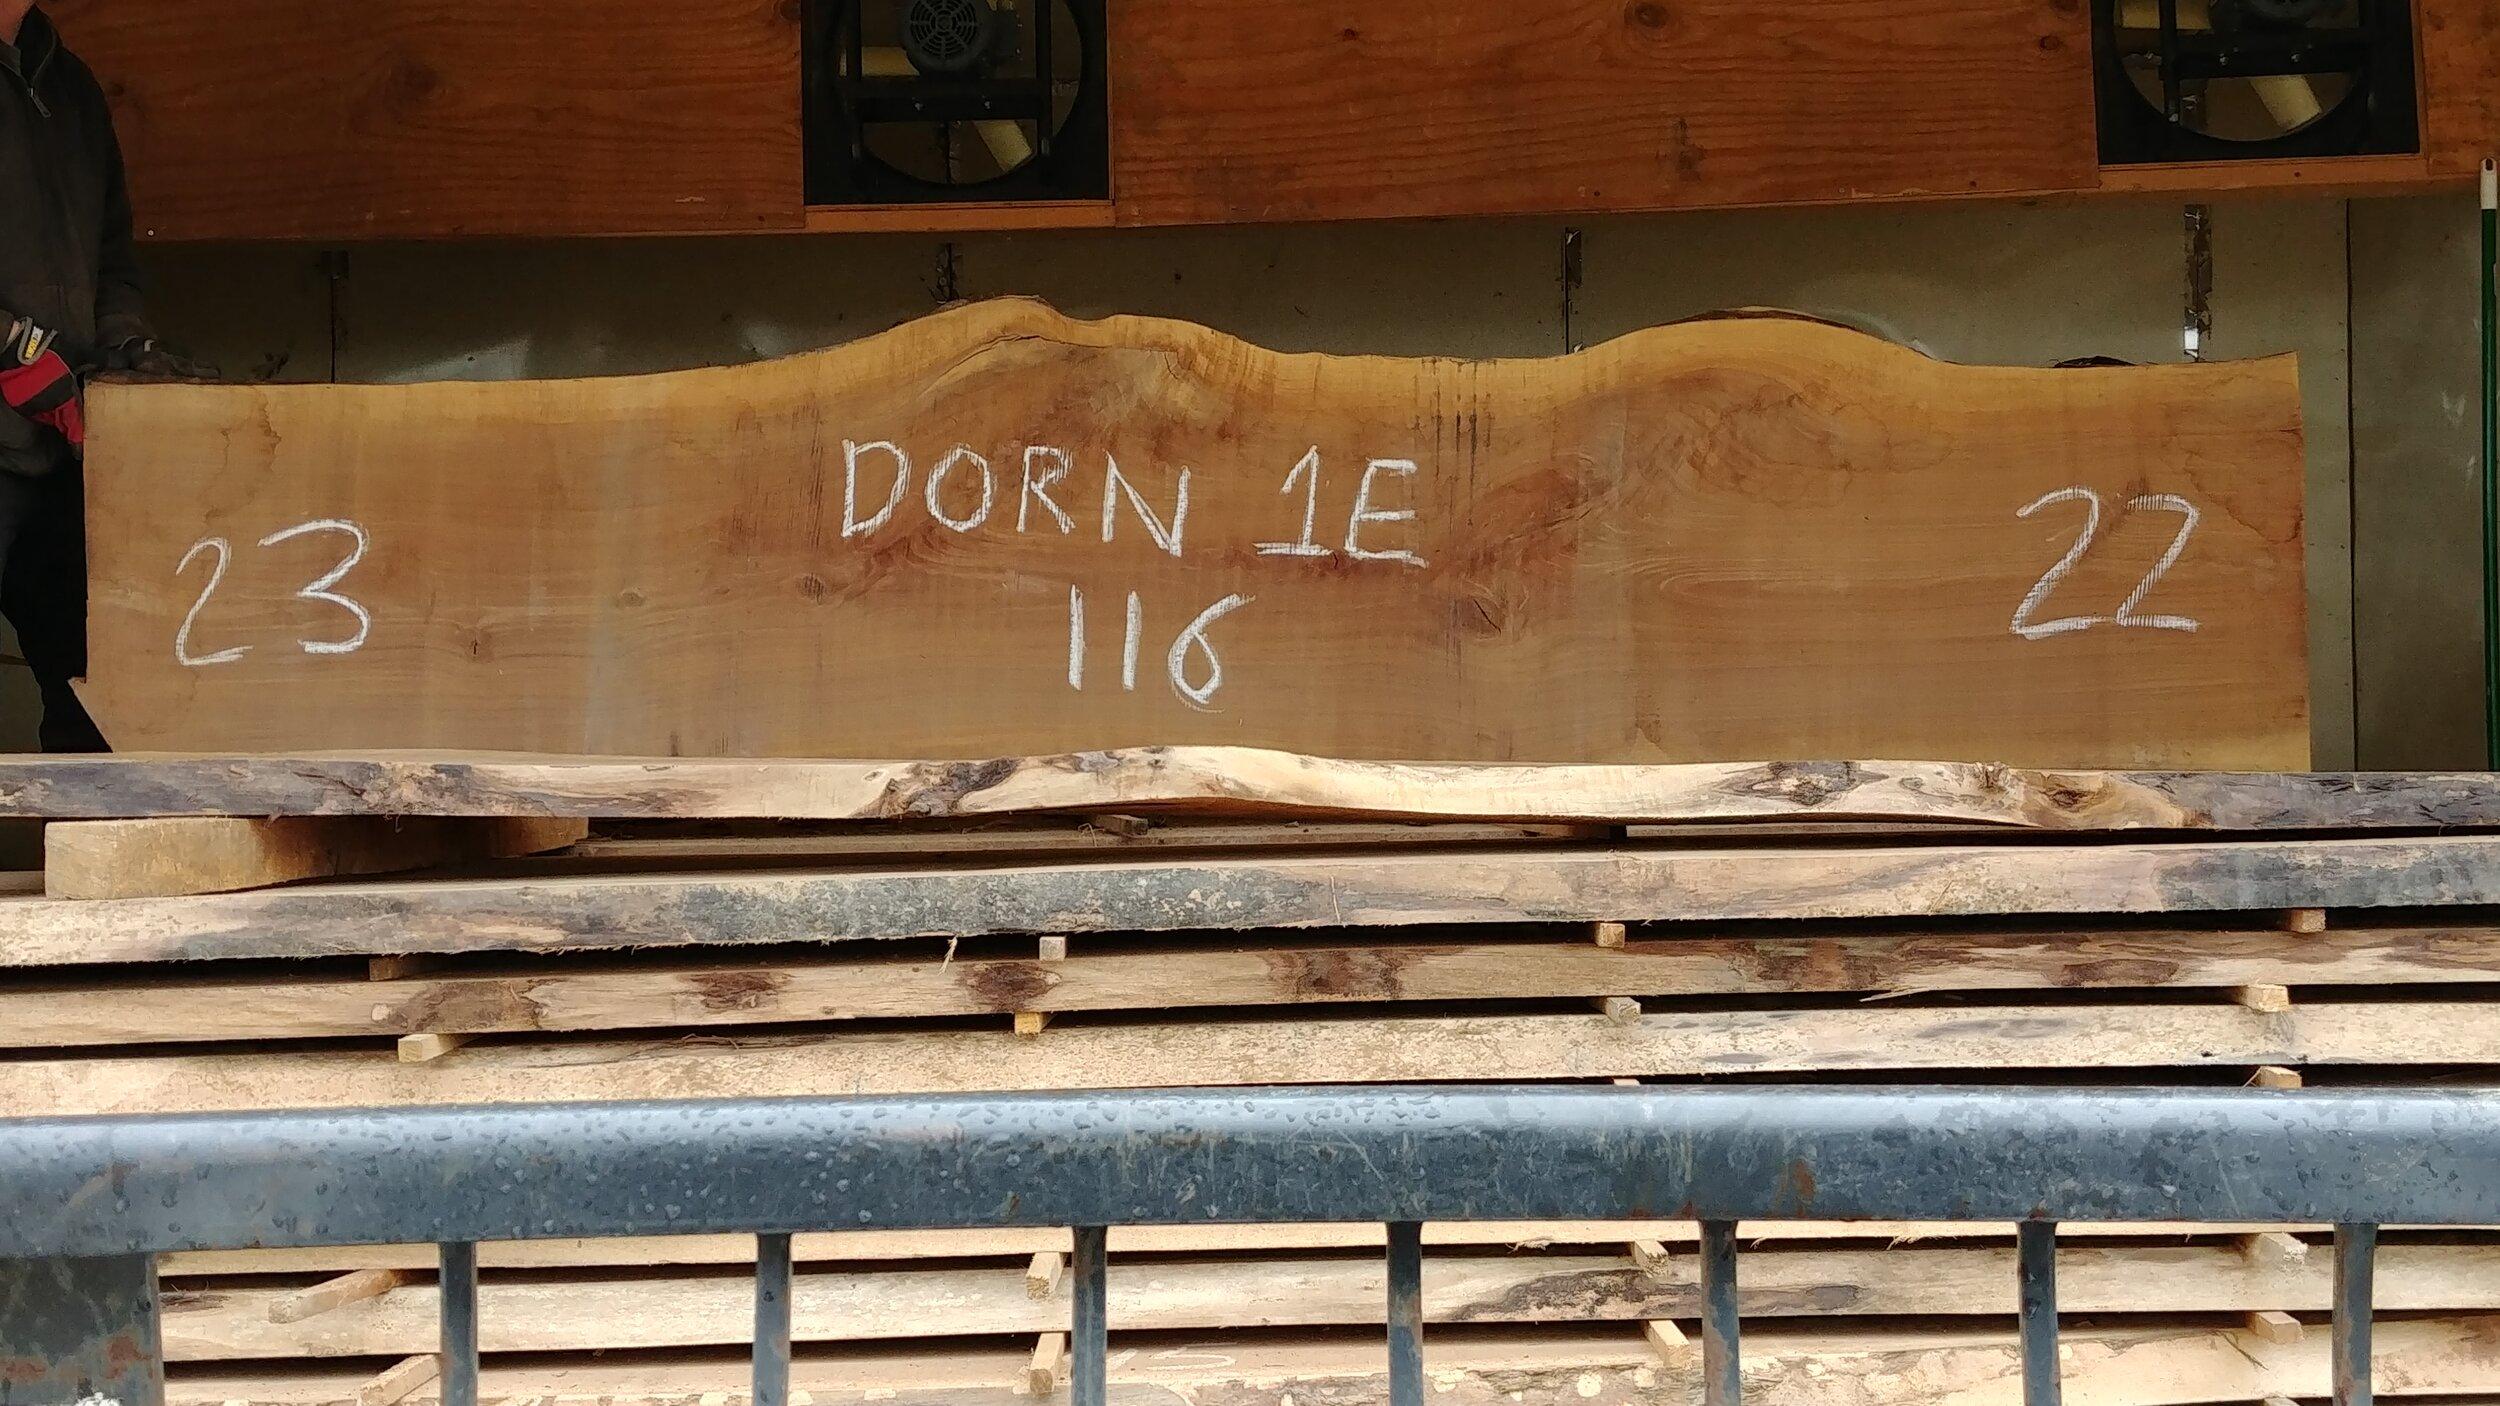 Dorn 1E.jpg